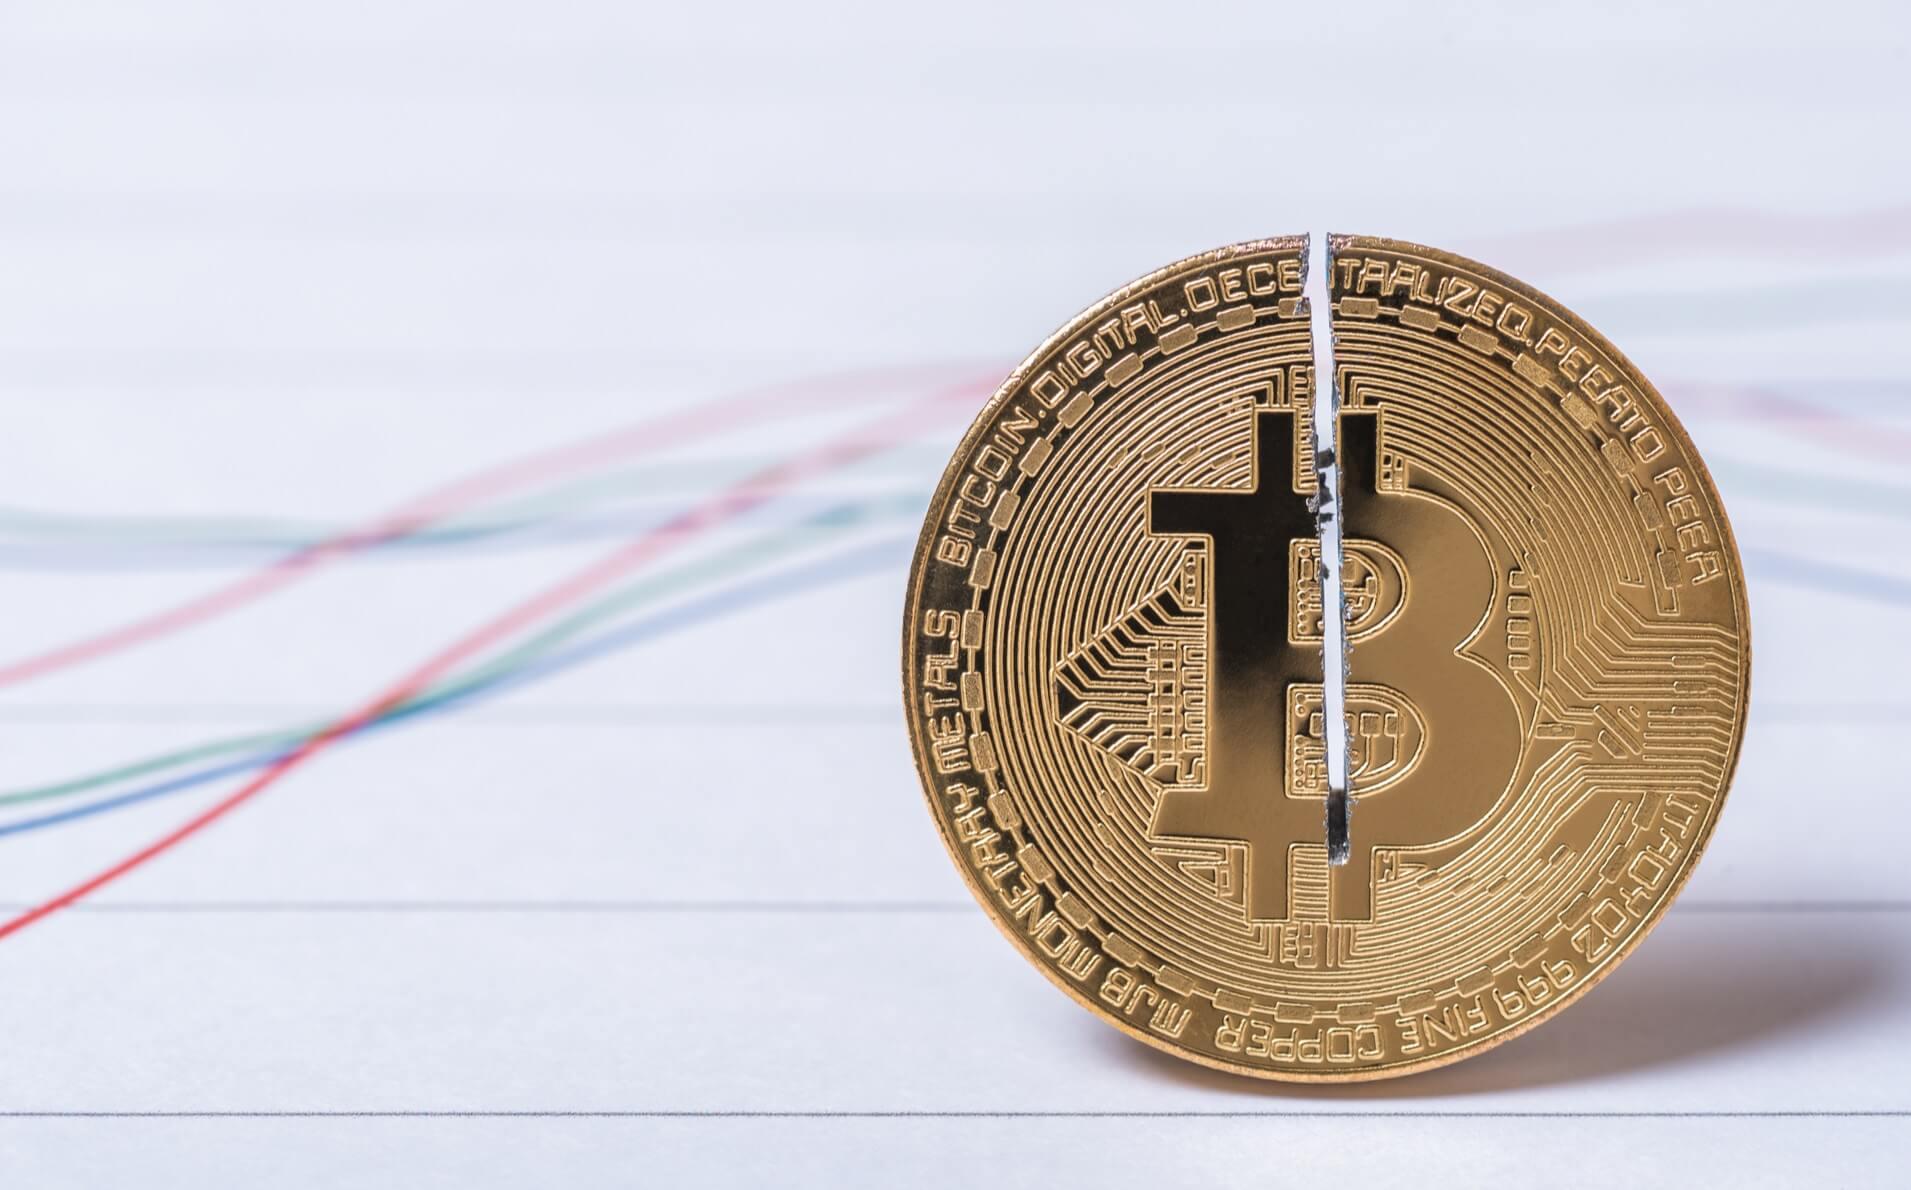 Bitcoin Blok Ödülü Yarılanması Nedir? Bitcoin Fiyatını Etkiler mi? 1 - Bitcoin Blok Ödülü Yarılanması Nedir